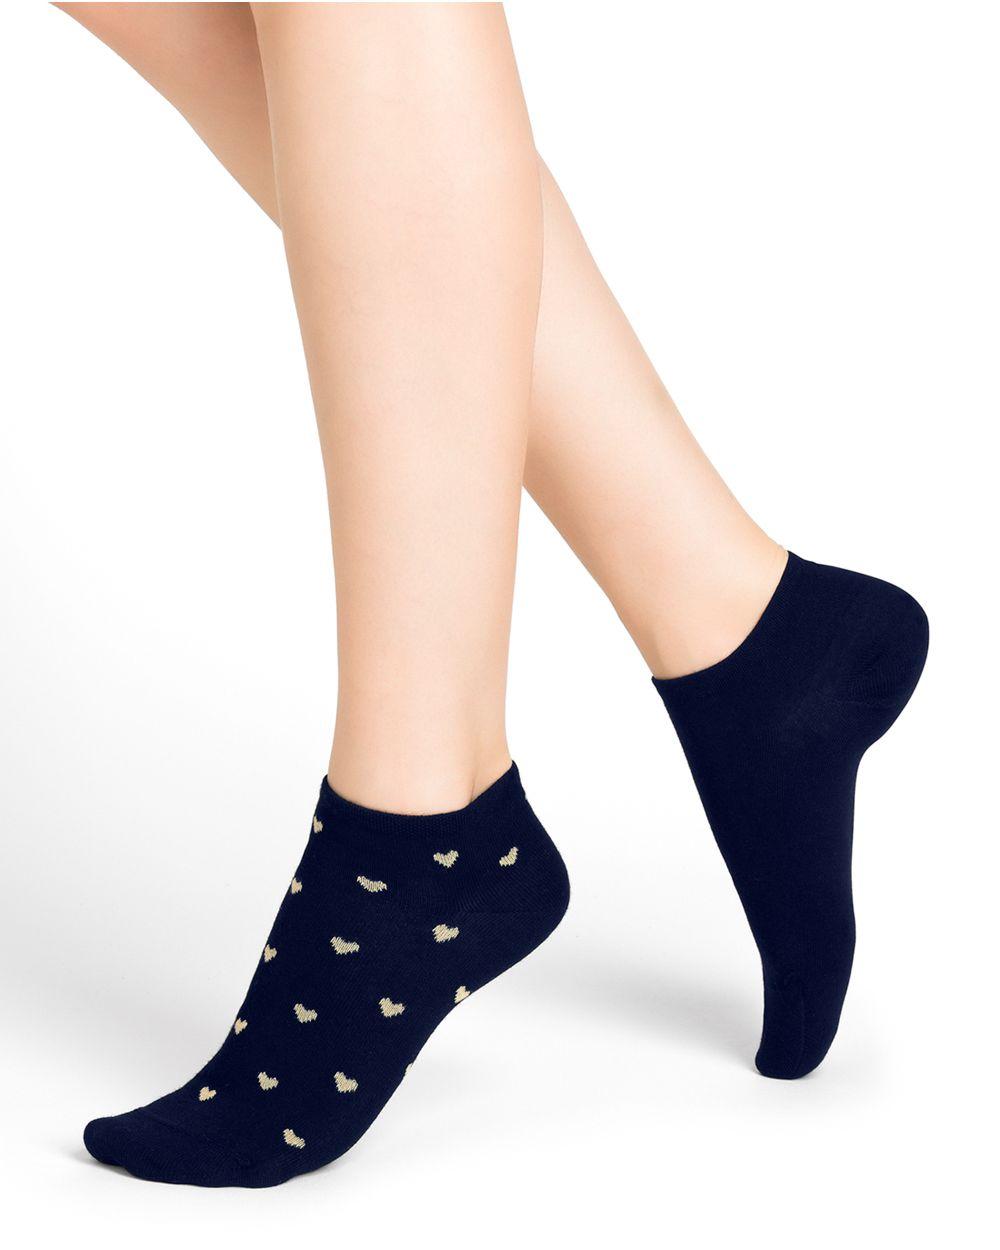 Heart pattern cotton ankle socks